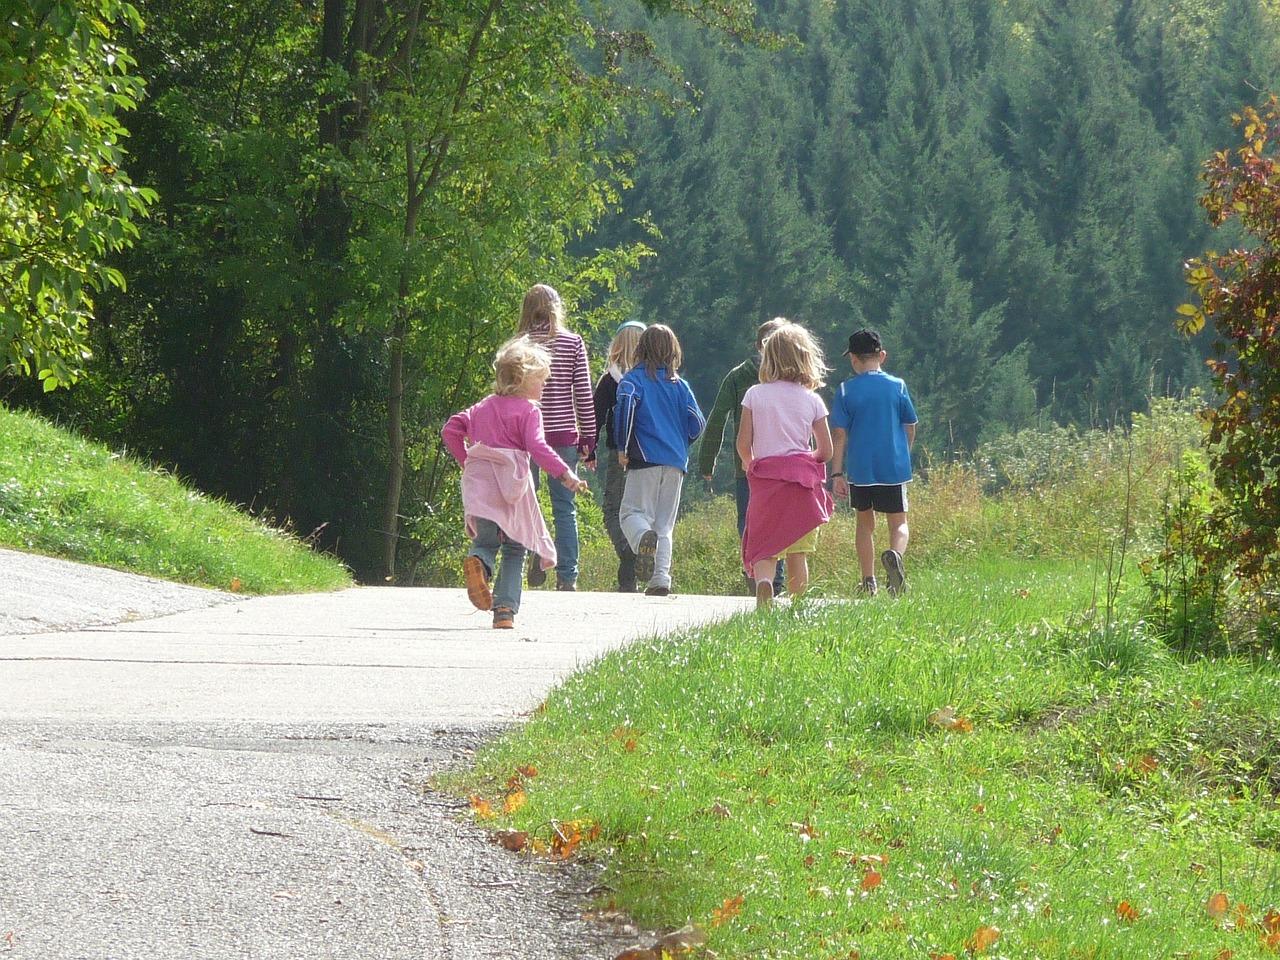 gyalogtúra a családdal, irány a természet